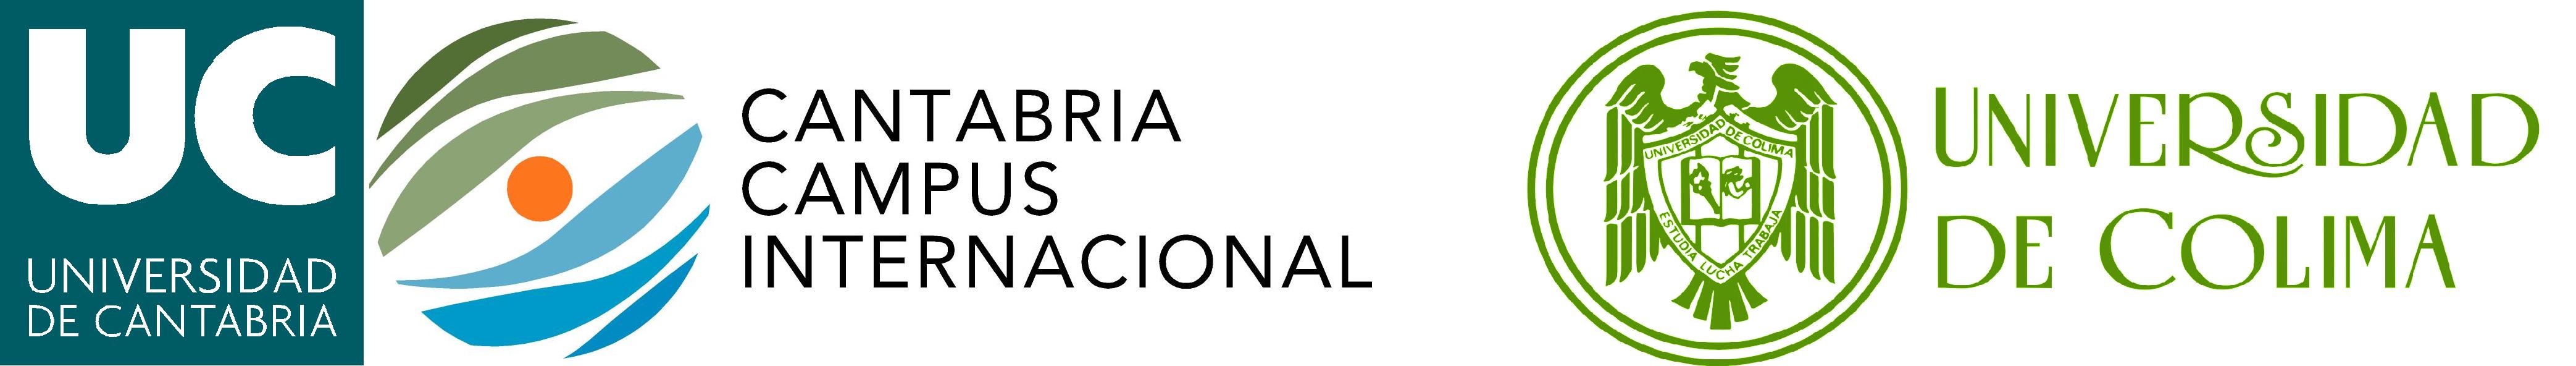 Iª REUNIÓN INTERNACIONAL DE INVESTIGACIÓN EN CONTABILIDAD Y AUDITORÍA